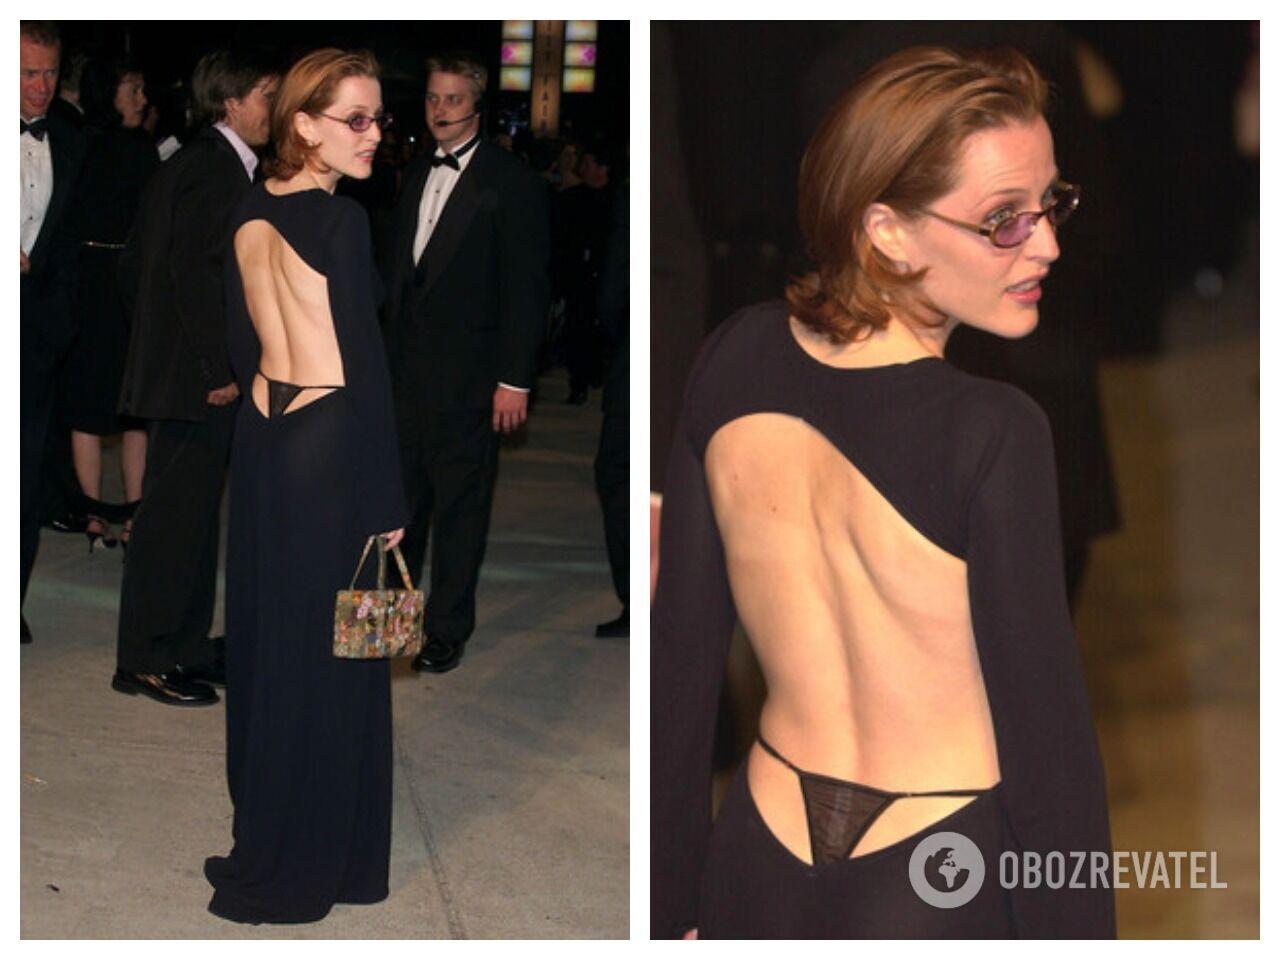 """Звезда """"Секретных материалов"""" Джиллиан Андерсон надела платье, из-под которого выглядывали черные стринги"""